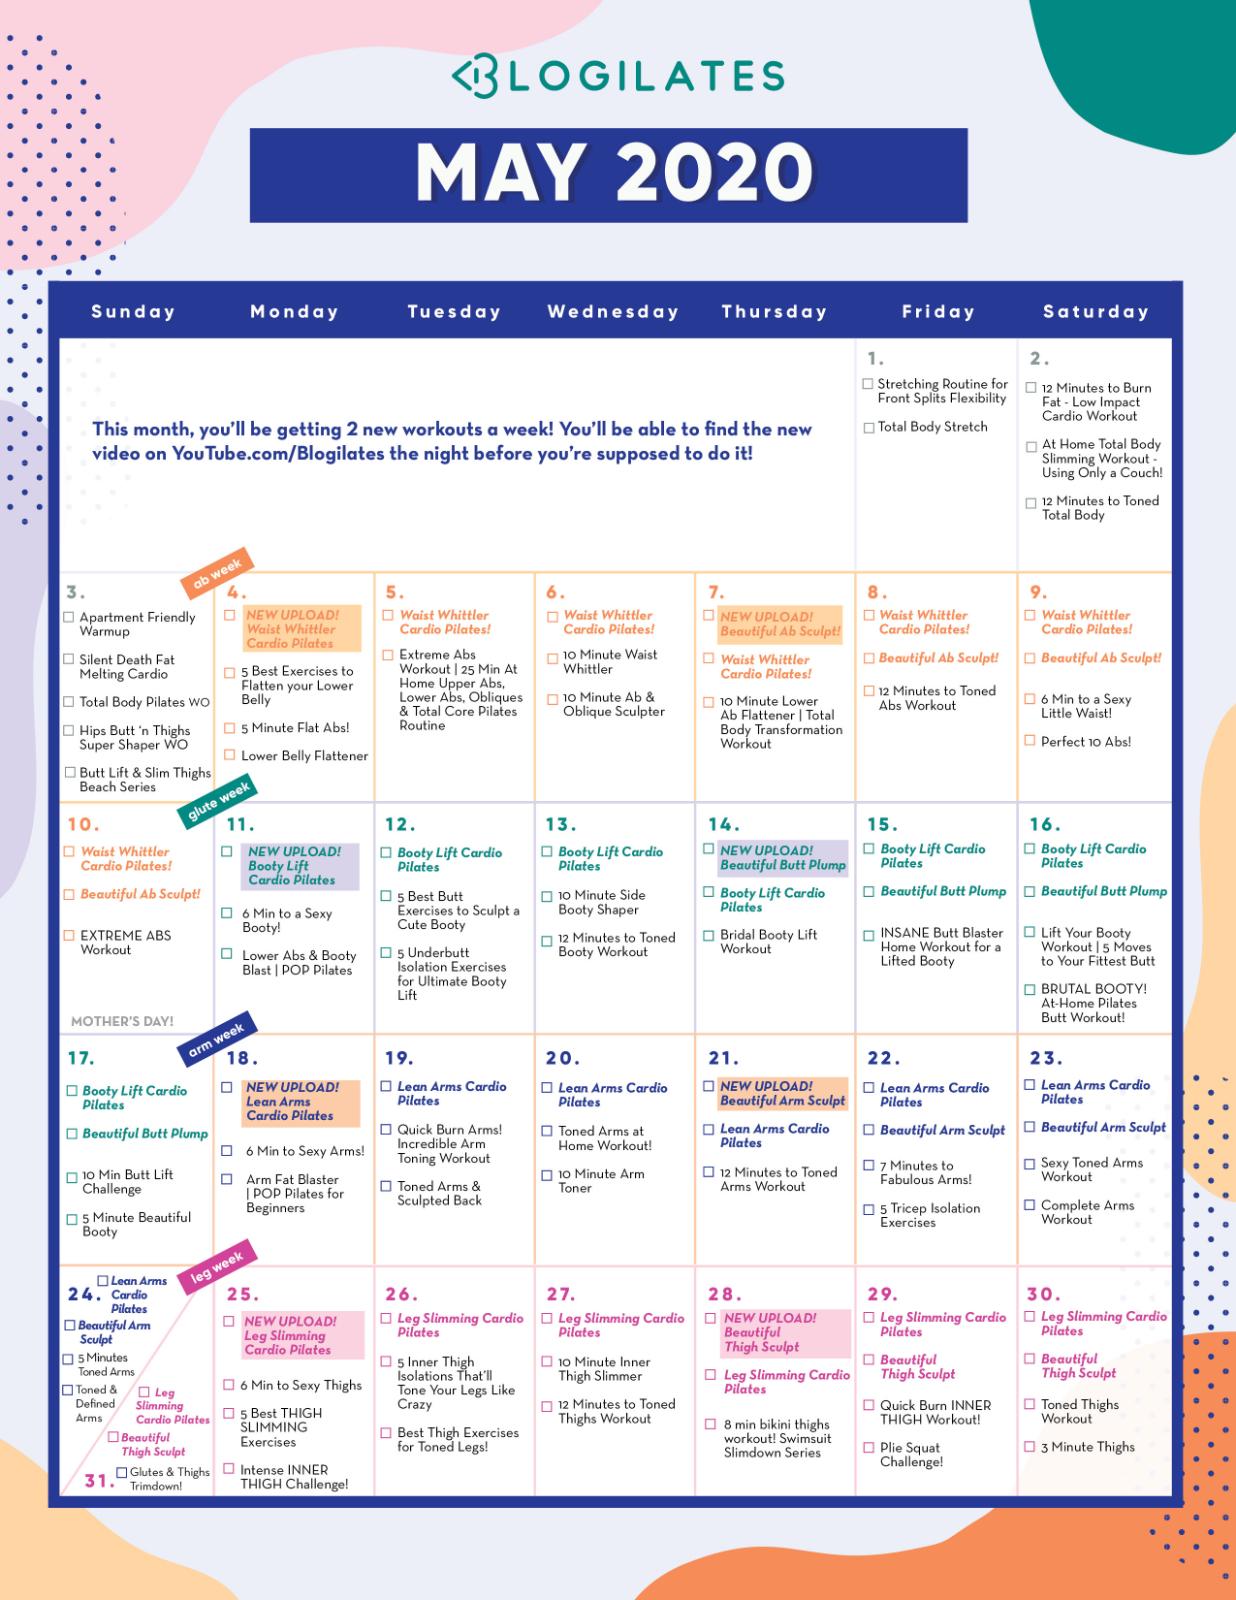 30 de zi thigh slimming calendar challenge